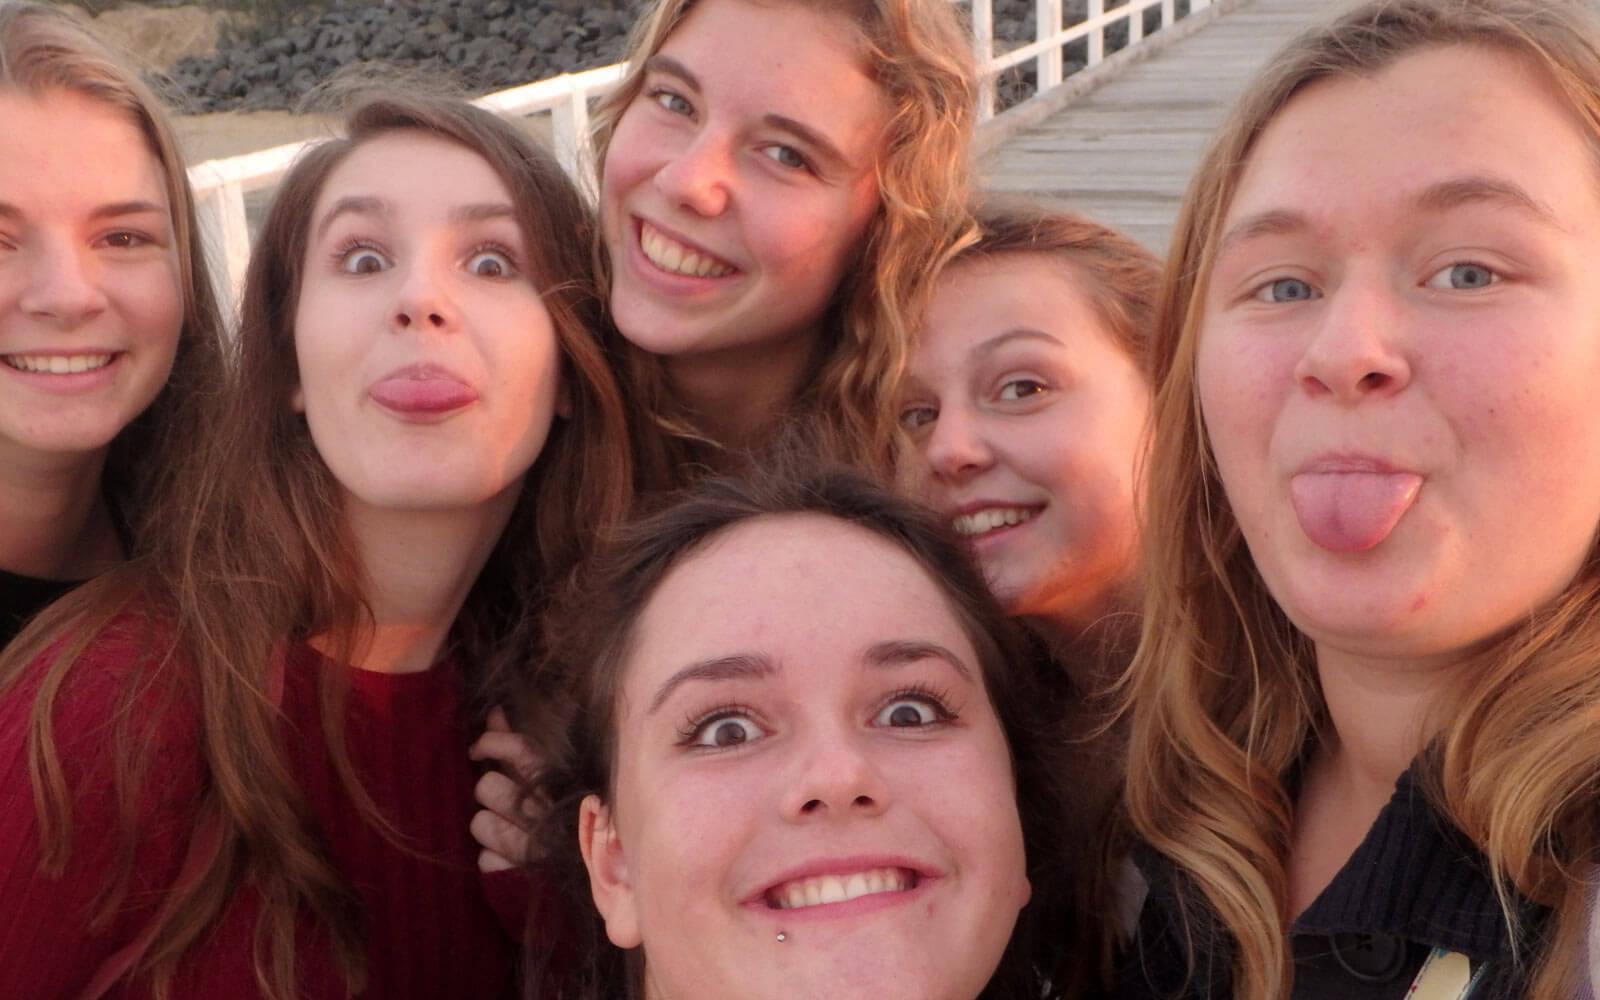 6 Freundinnen machen Grimassen-Selfie